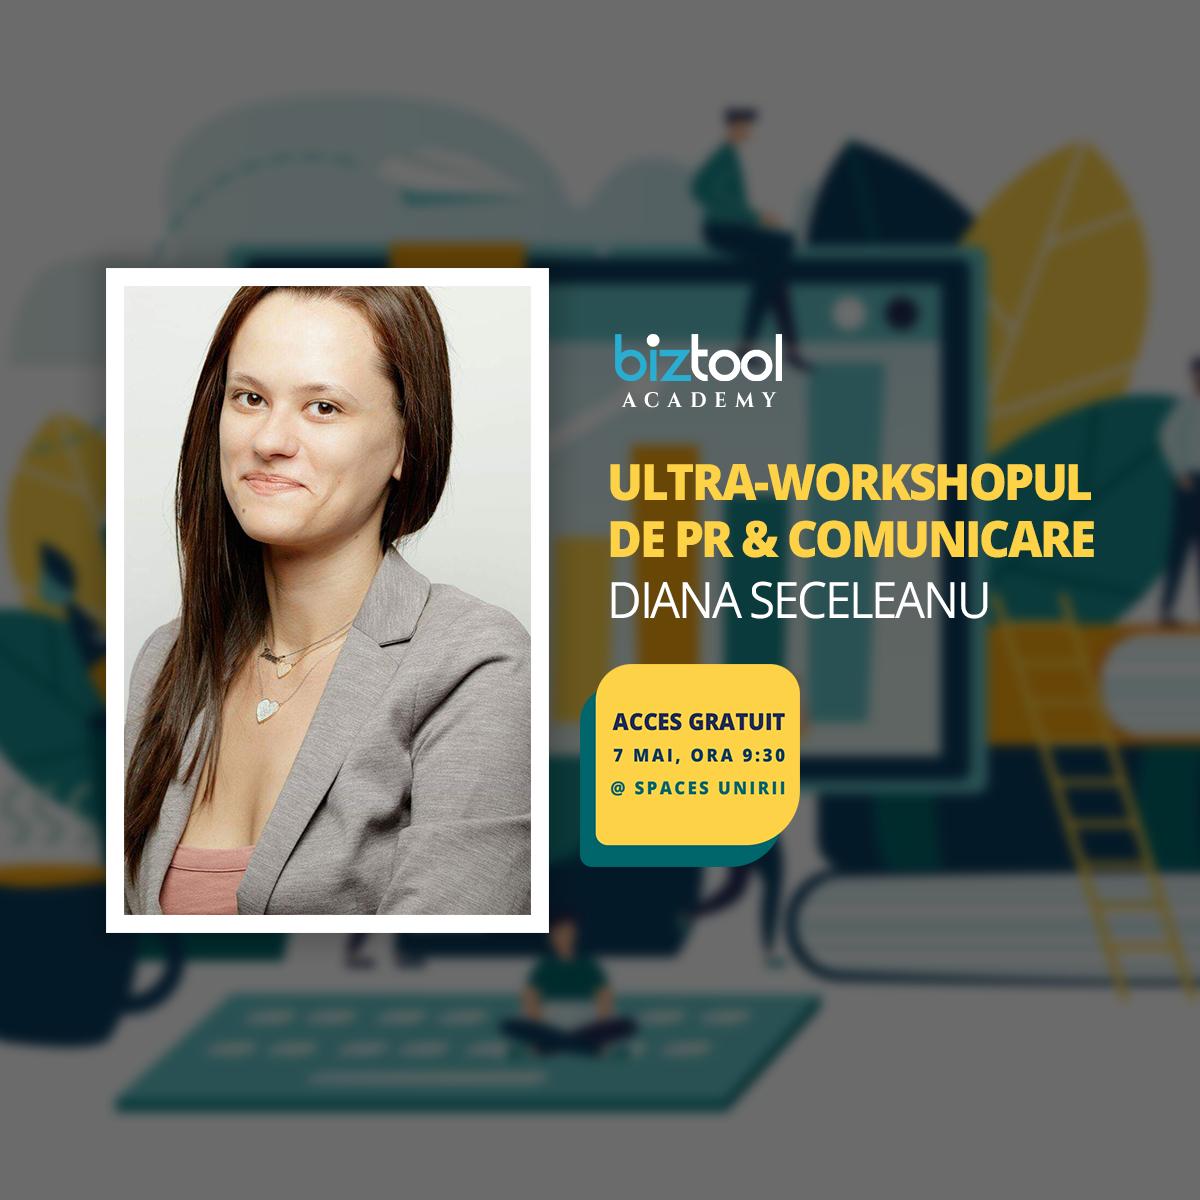 BizTool Academy, ultra-workshop gratuit: cum să-ți promovezi afacerea